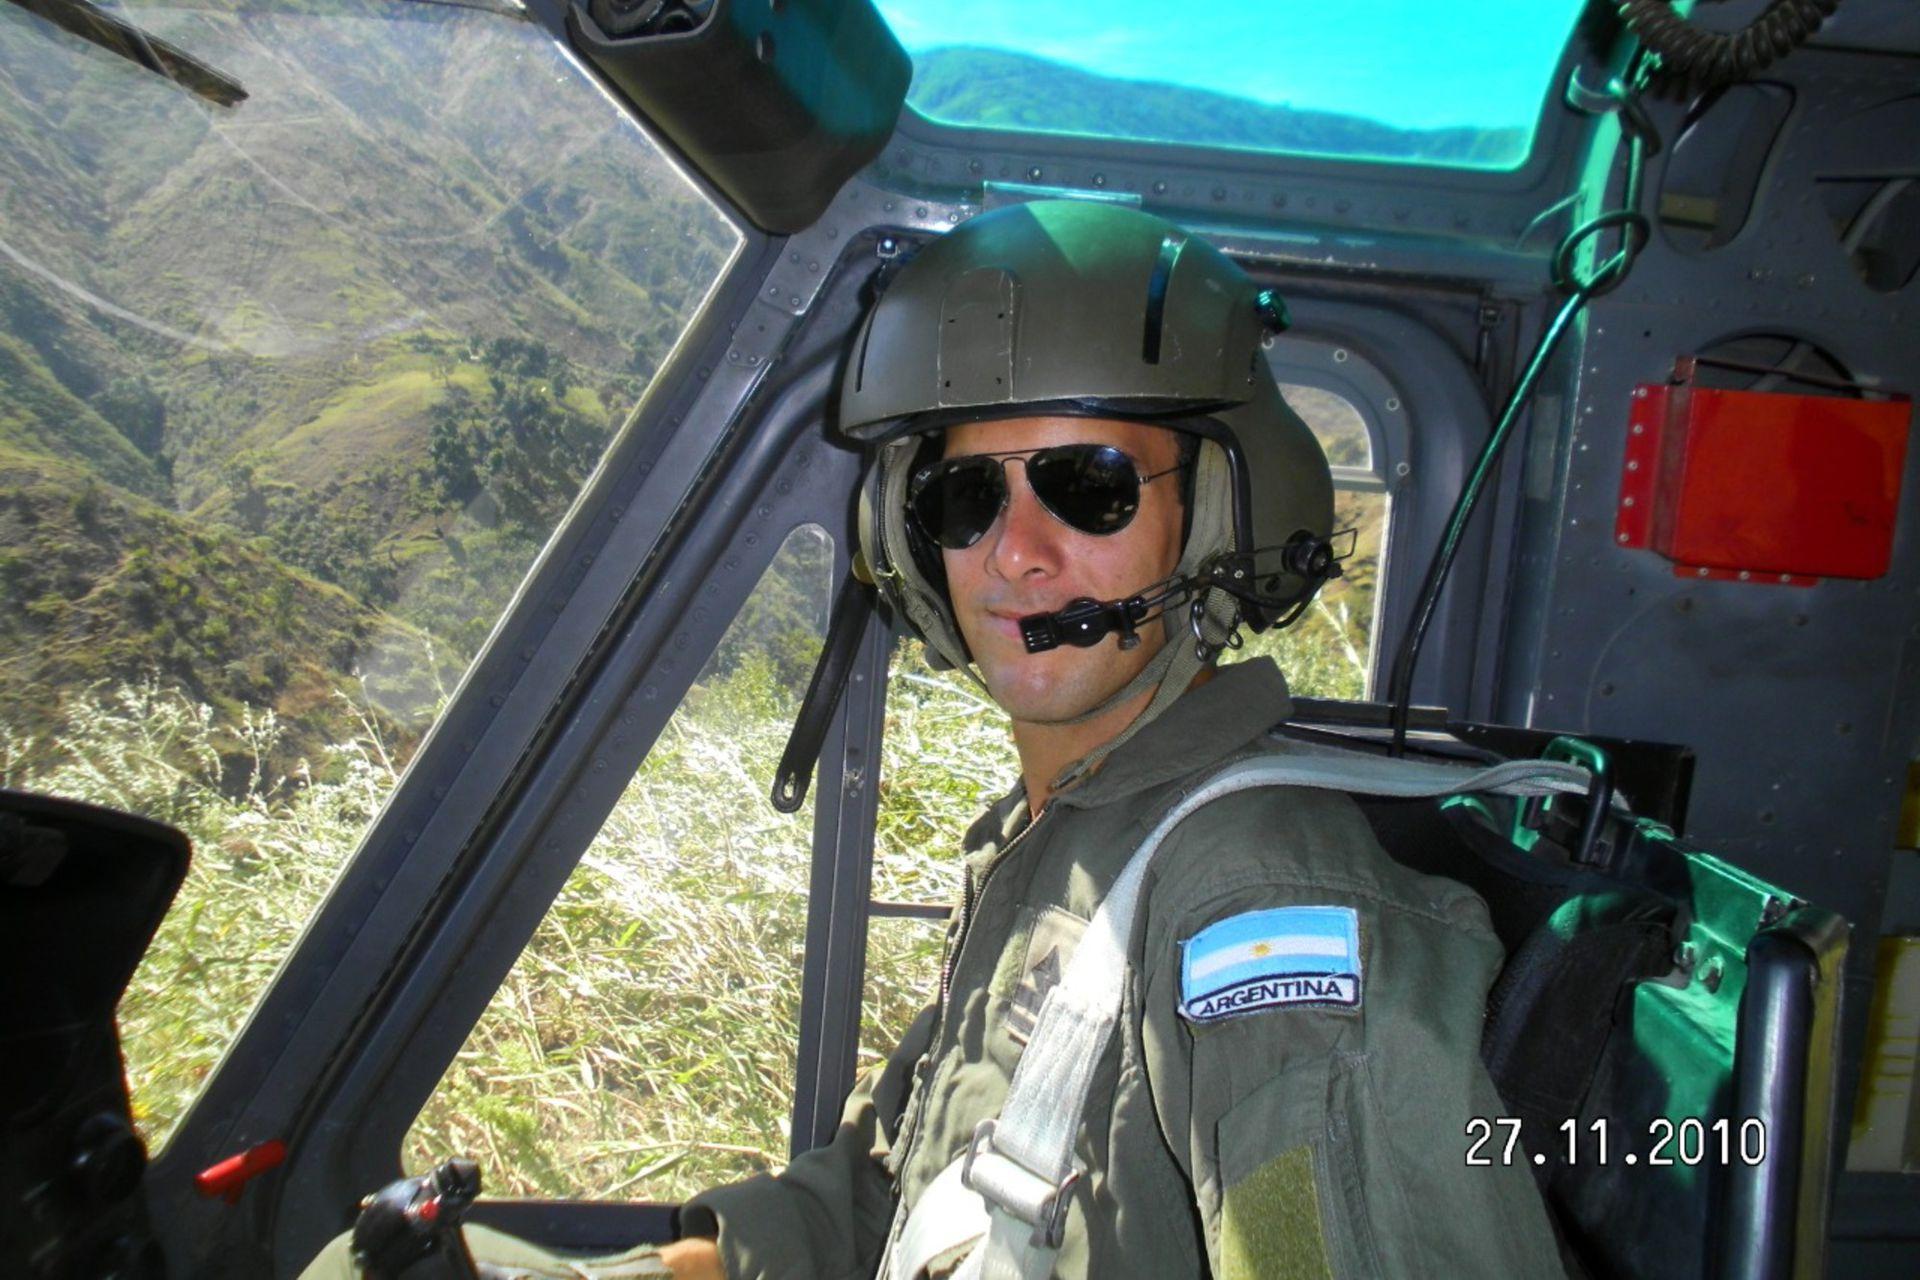 Gastón Ortíz participó de la misión en Haití como piloto de helicóptero